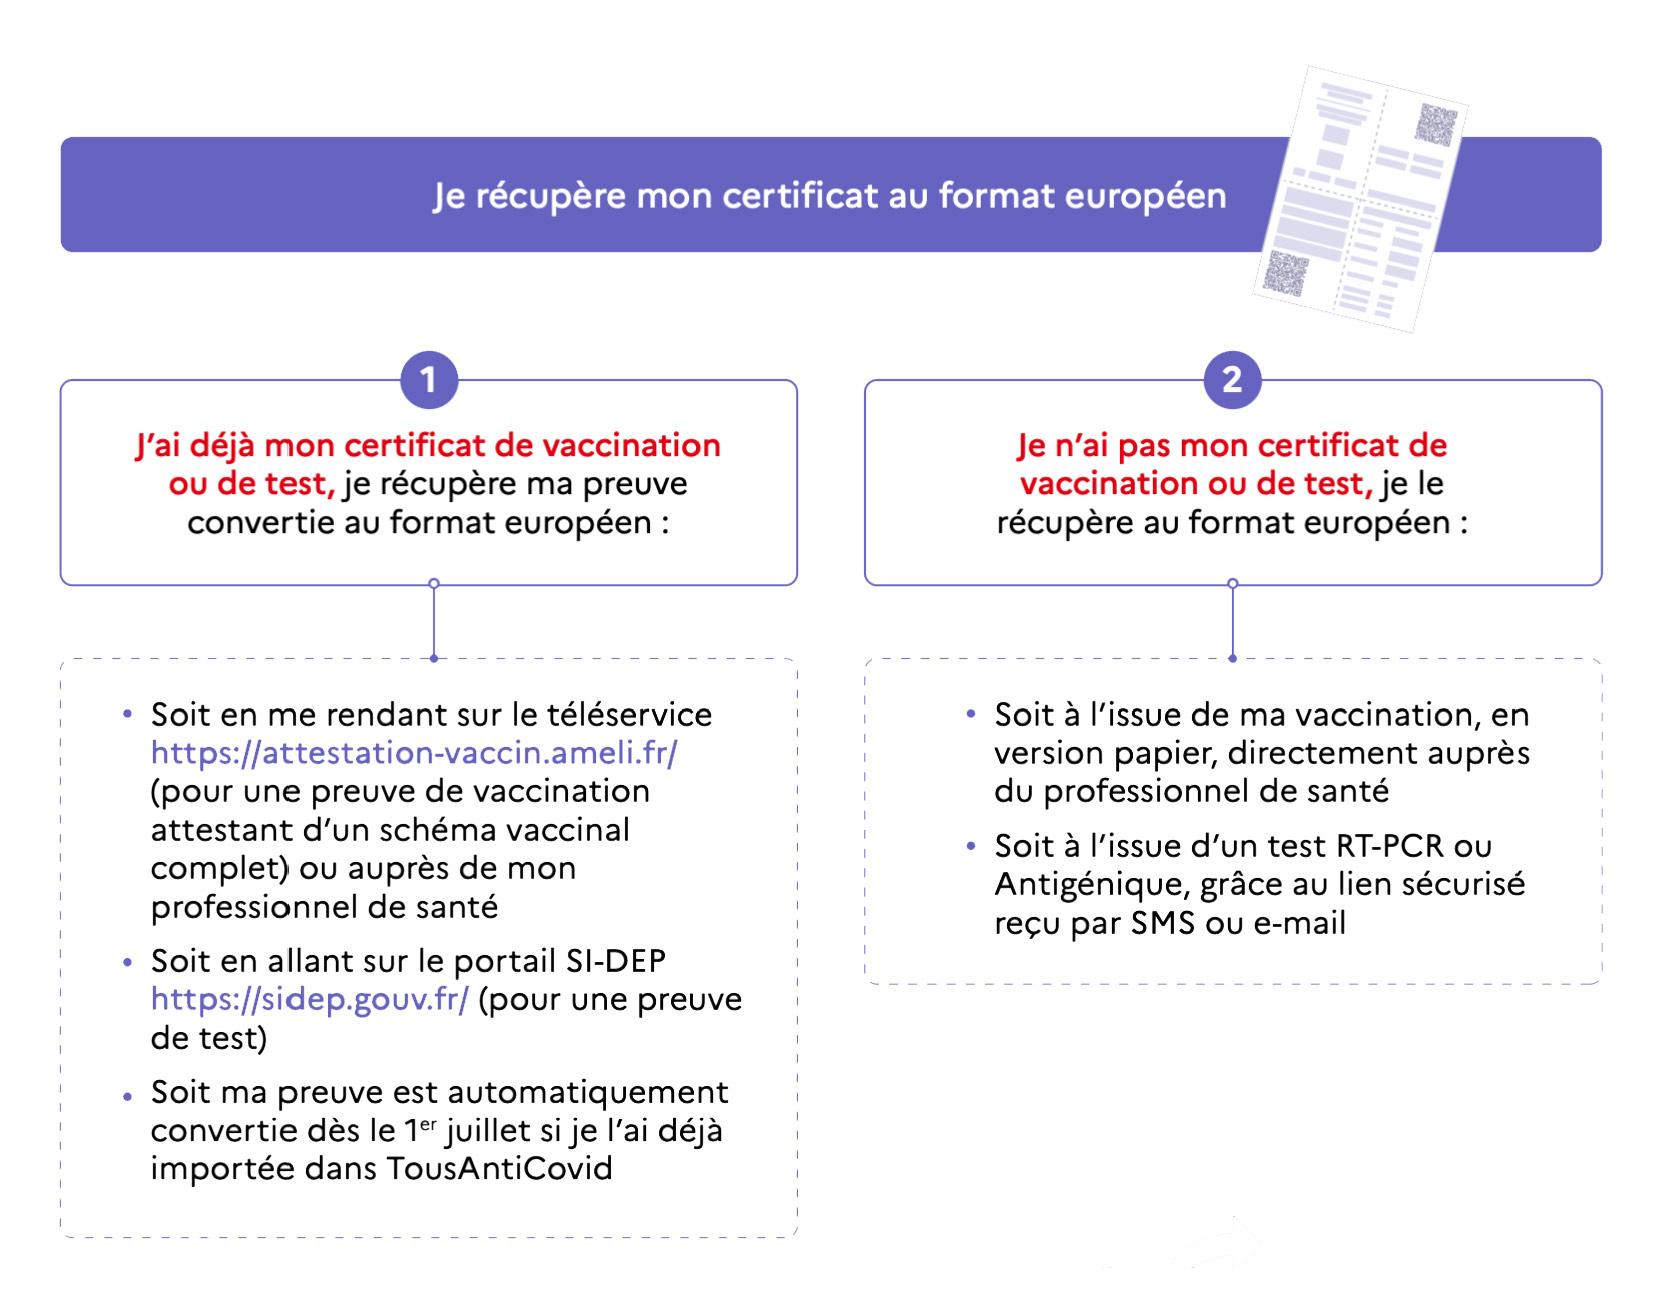 Illustration pass sanitaire européen : je récupère mon certificat au format européen